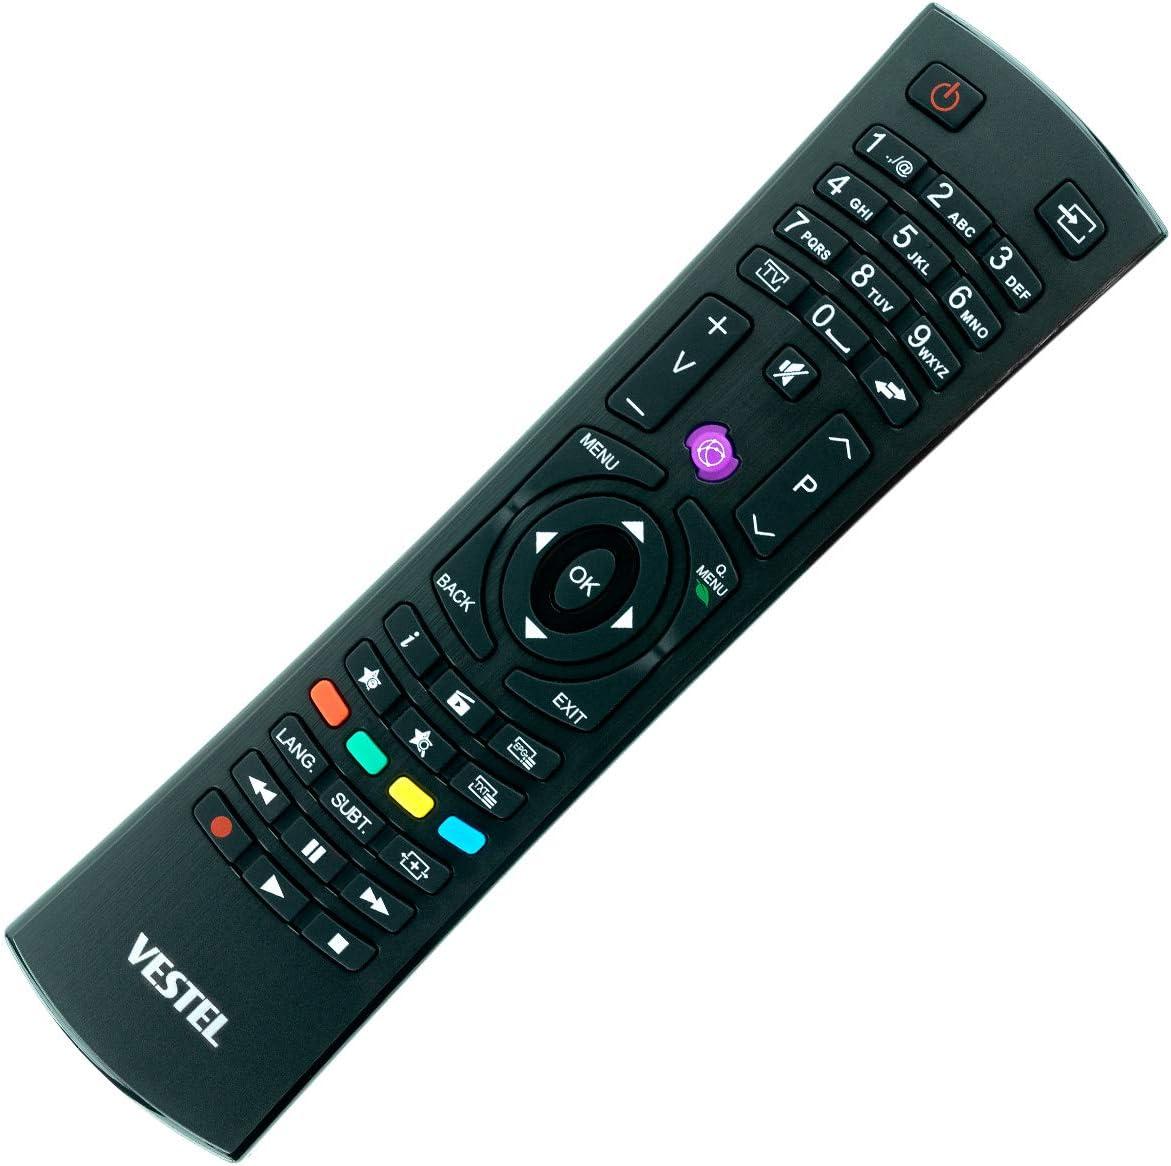 Mando a distancia de repuesto para Selecline 20265 | 22284 | 32284 – Mando a distancia de servicio, télécommande, Kumanda, Plug & Play: Amazon.es: Electrónica